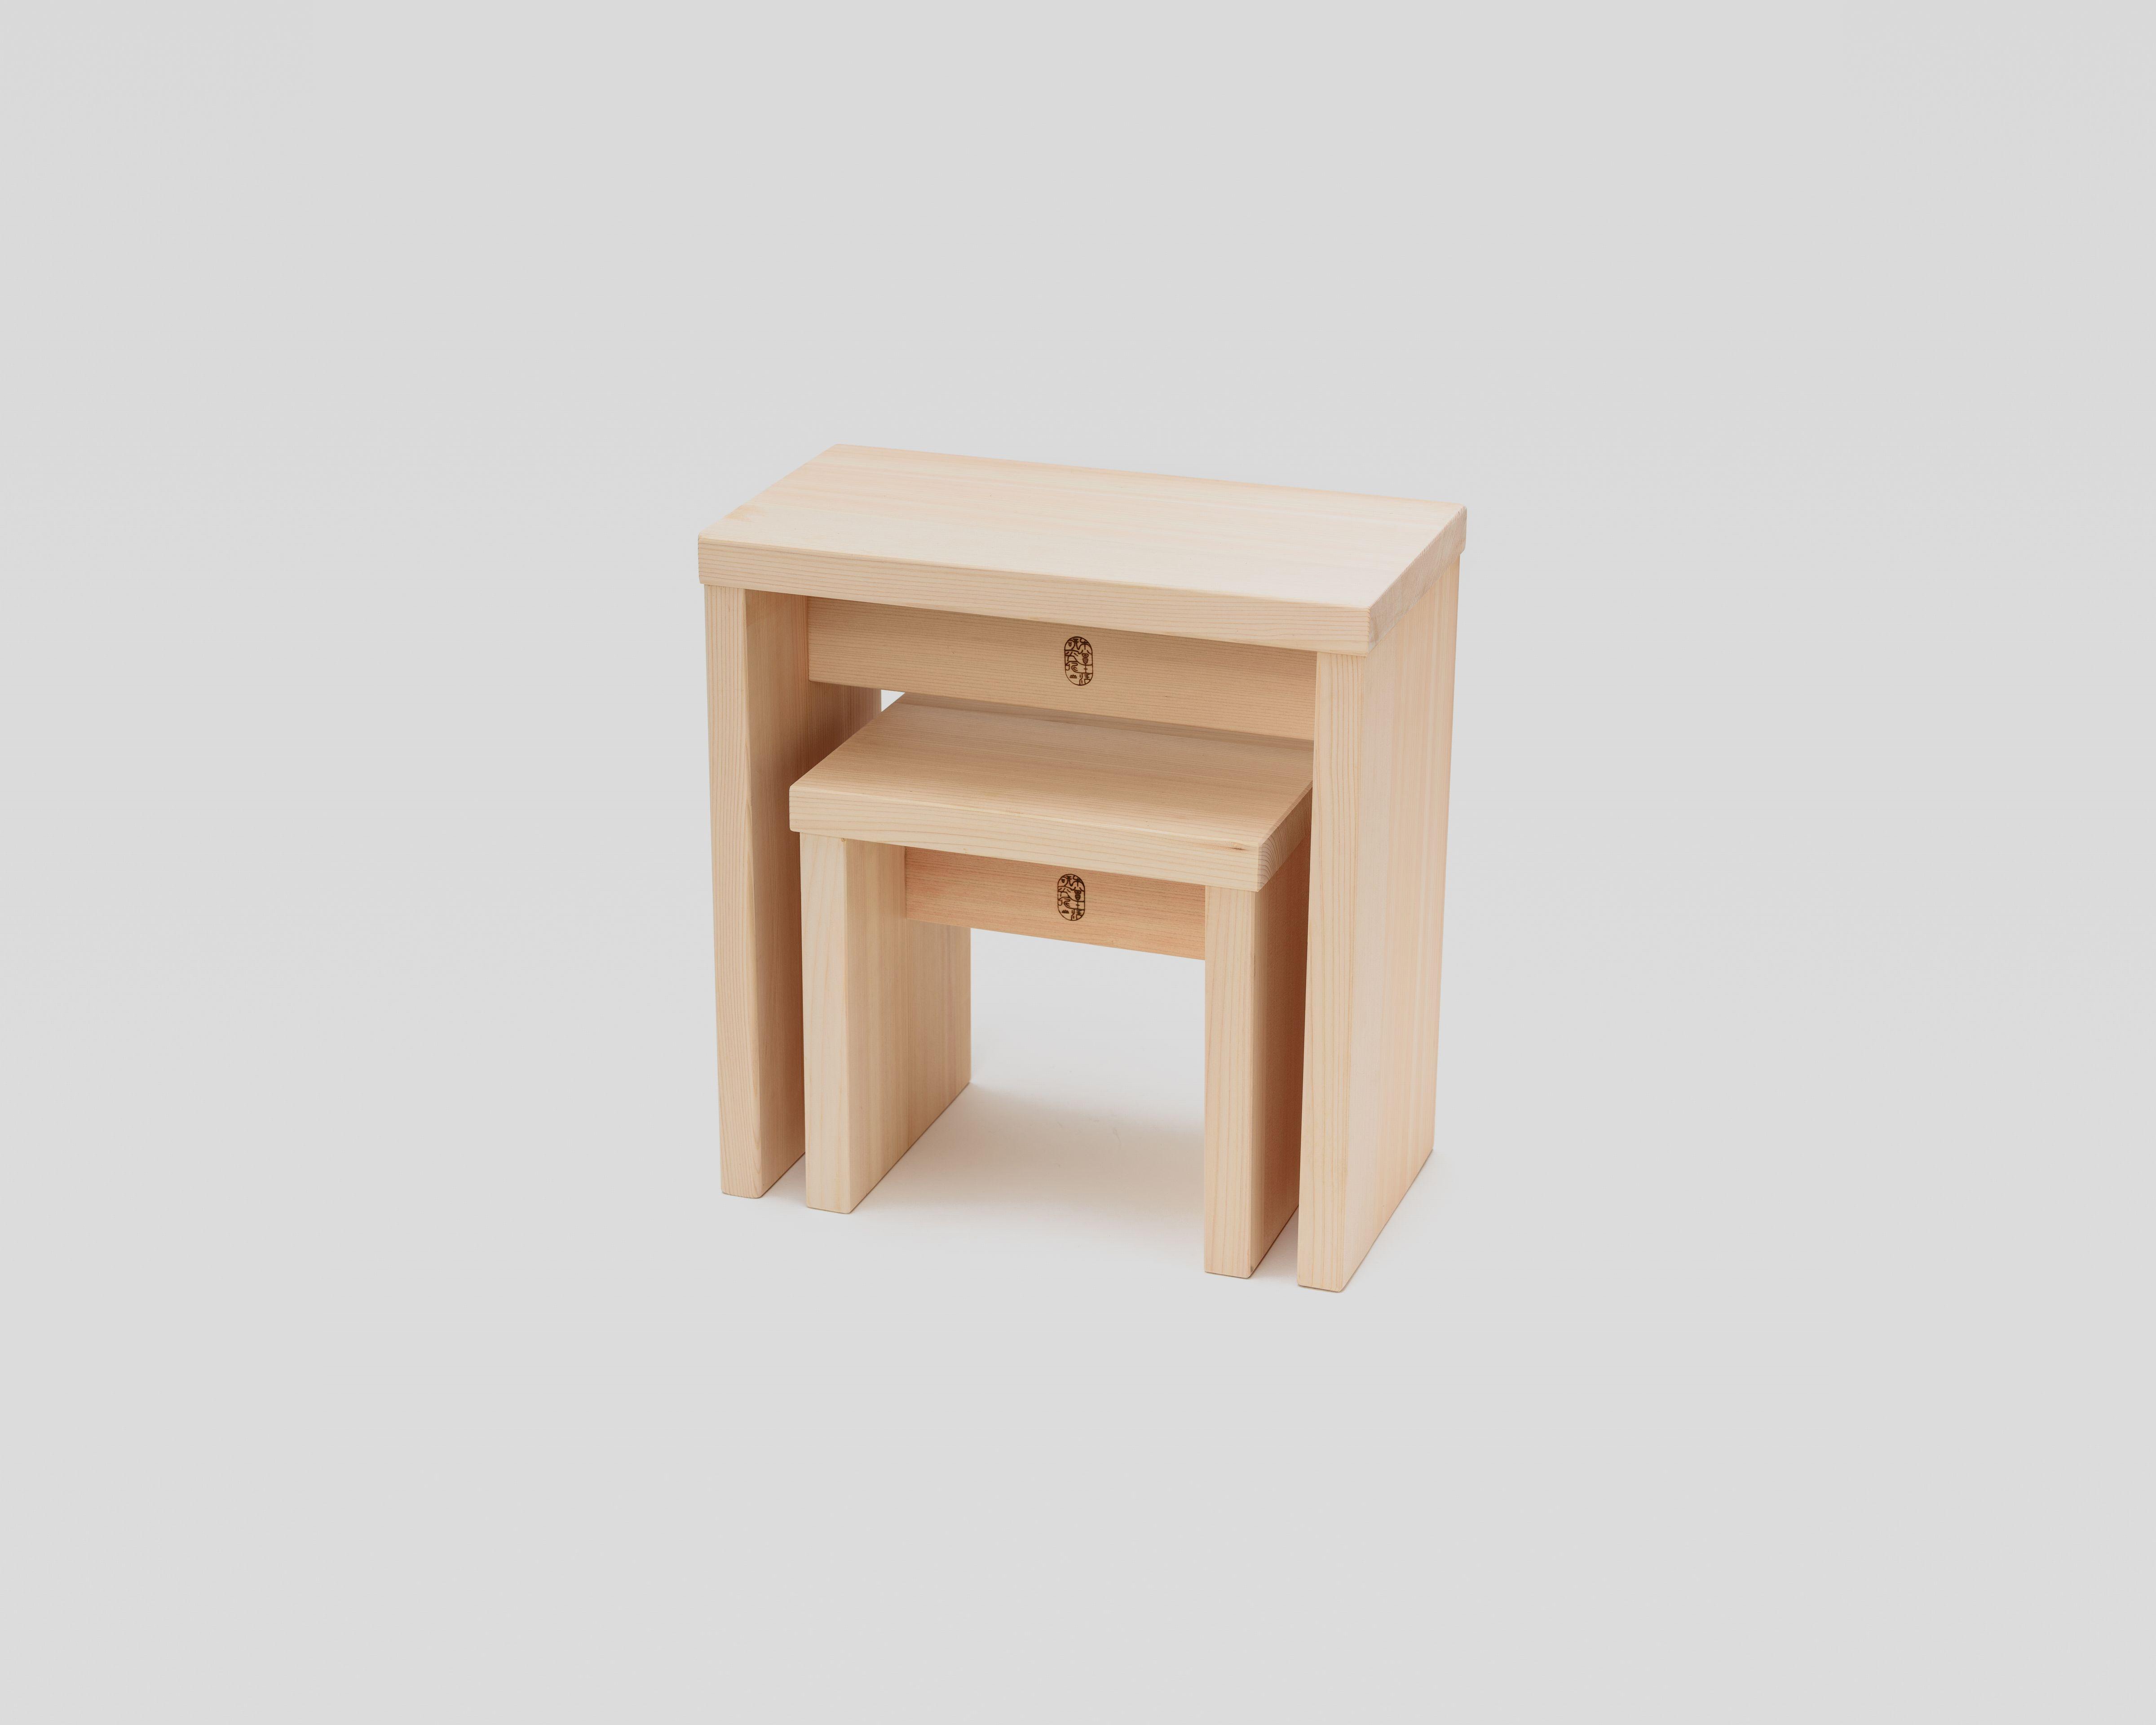 NEW木曽のヒノキでつくった親子風呂椅子03